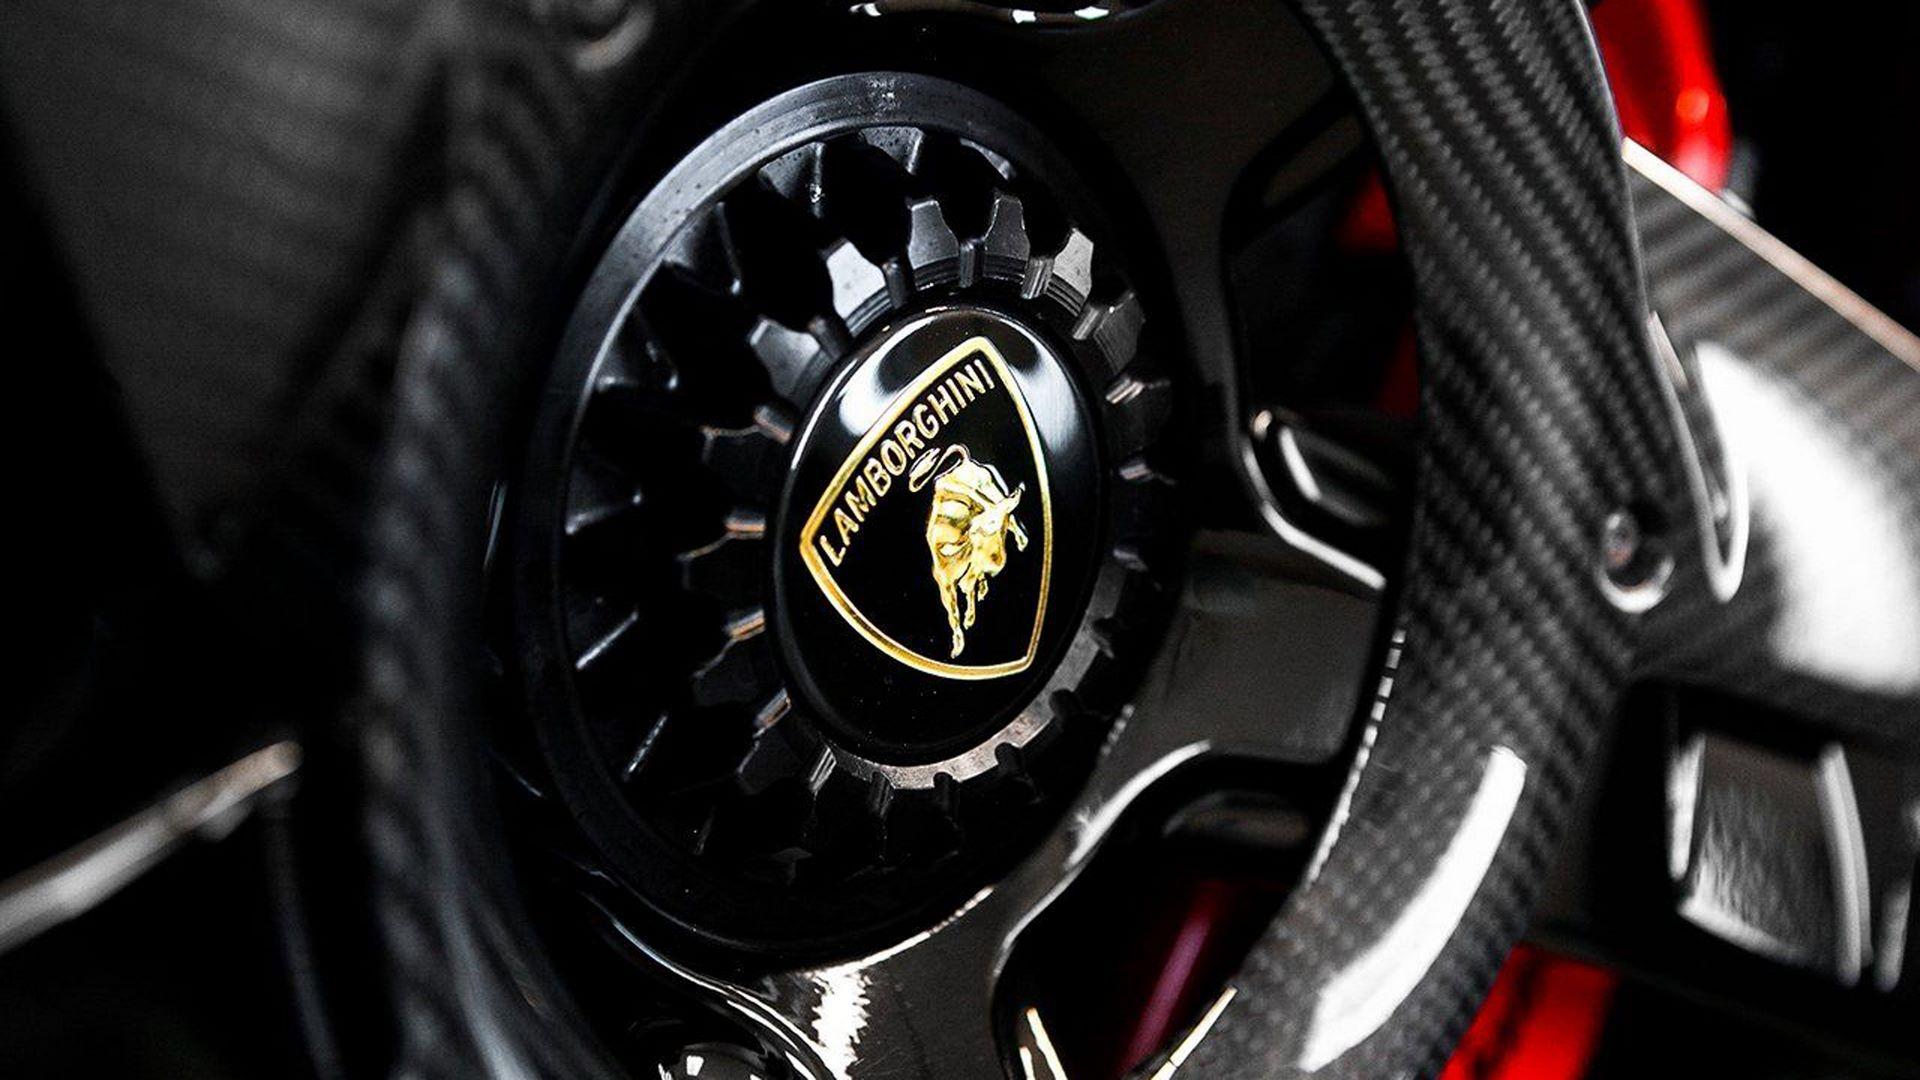 Carbon-Lamborghini-Centenario-Roadster-for-sale-18